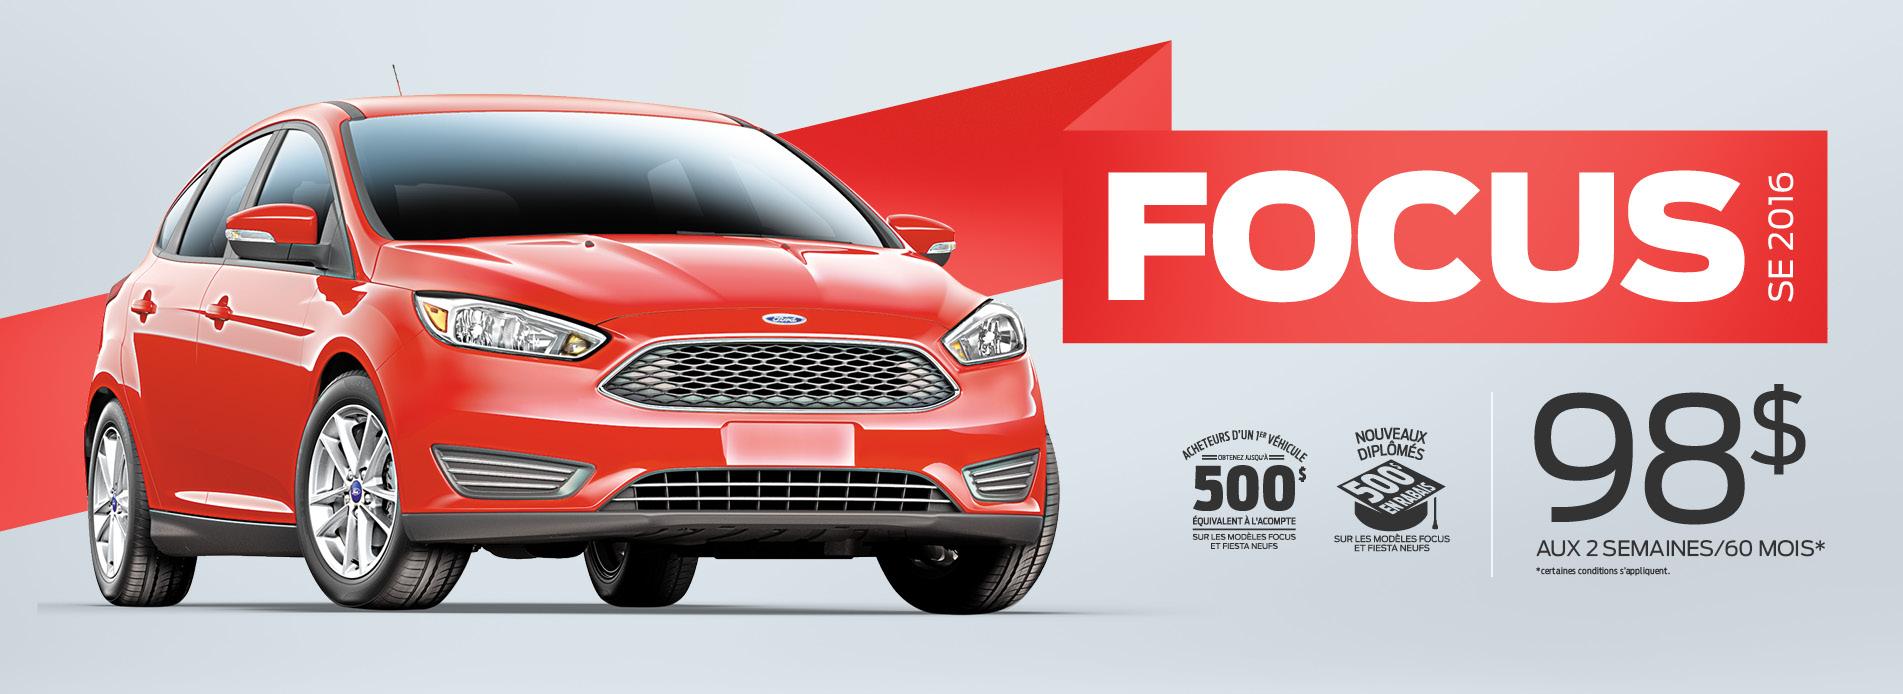 ford focus neuf gatineau